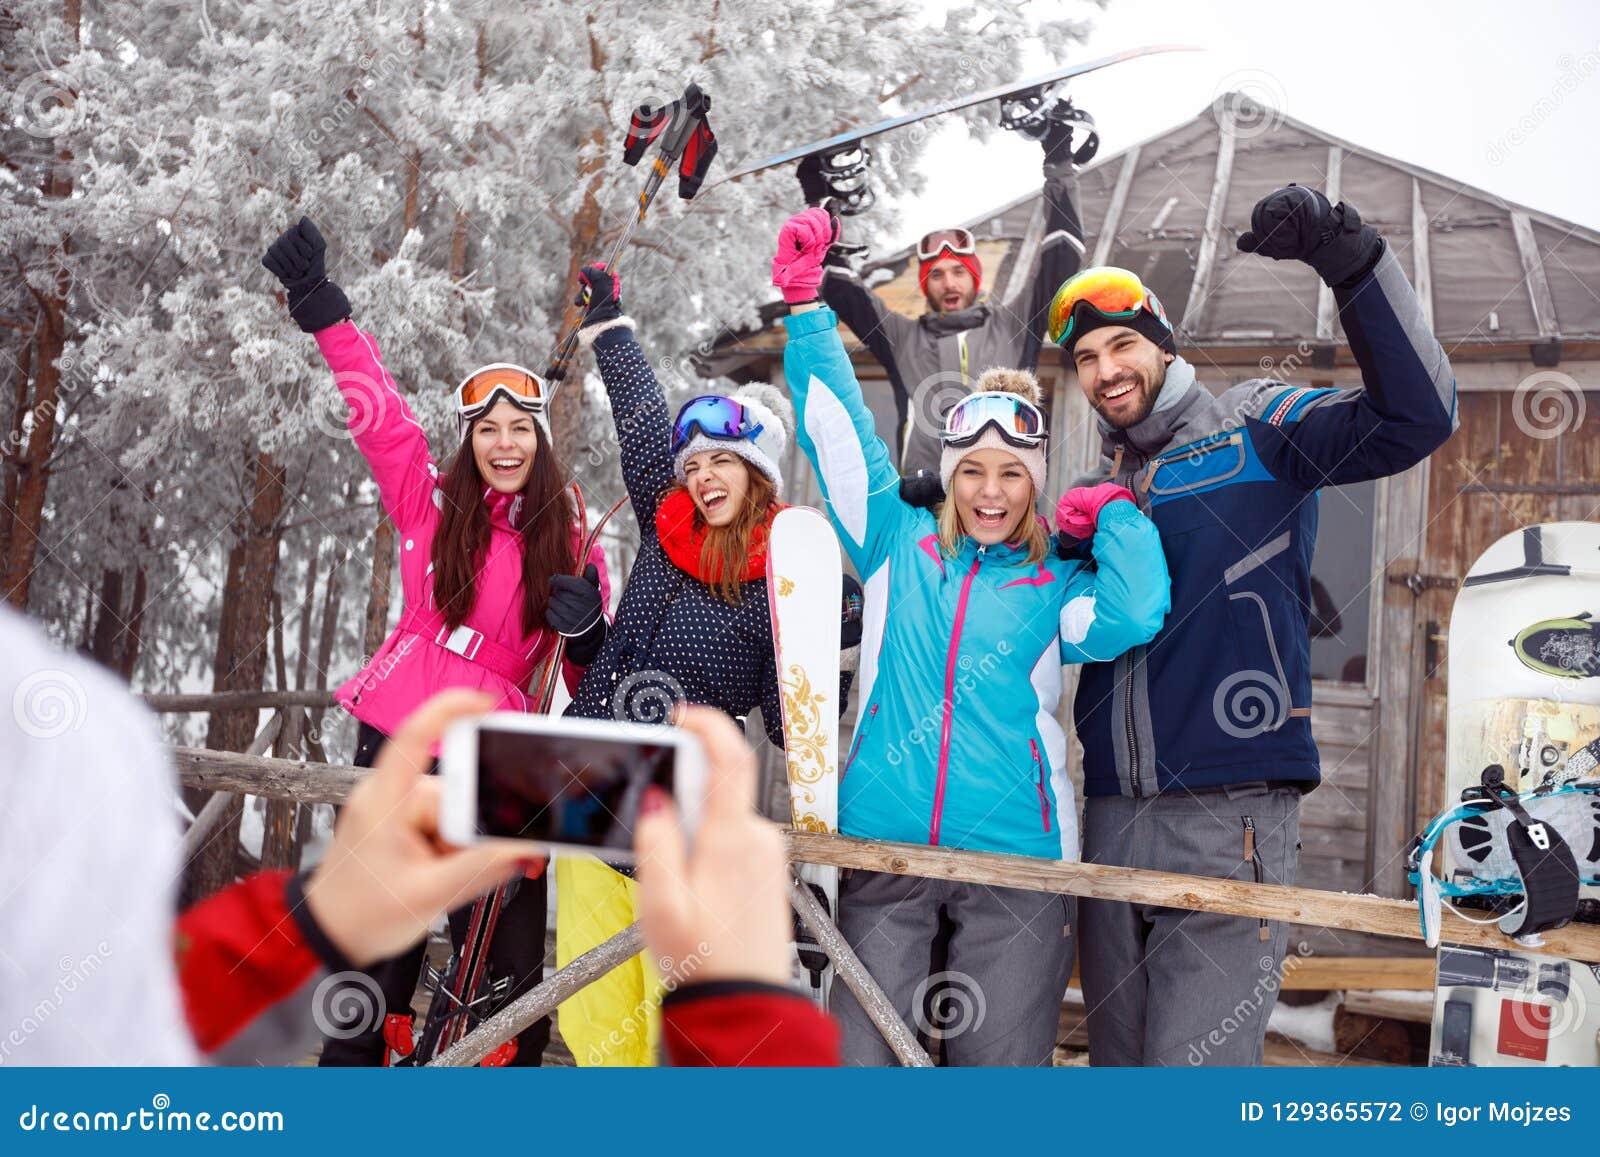 Rozochocony narciarki na zima wakacje, grupowa fotografia